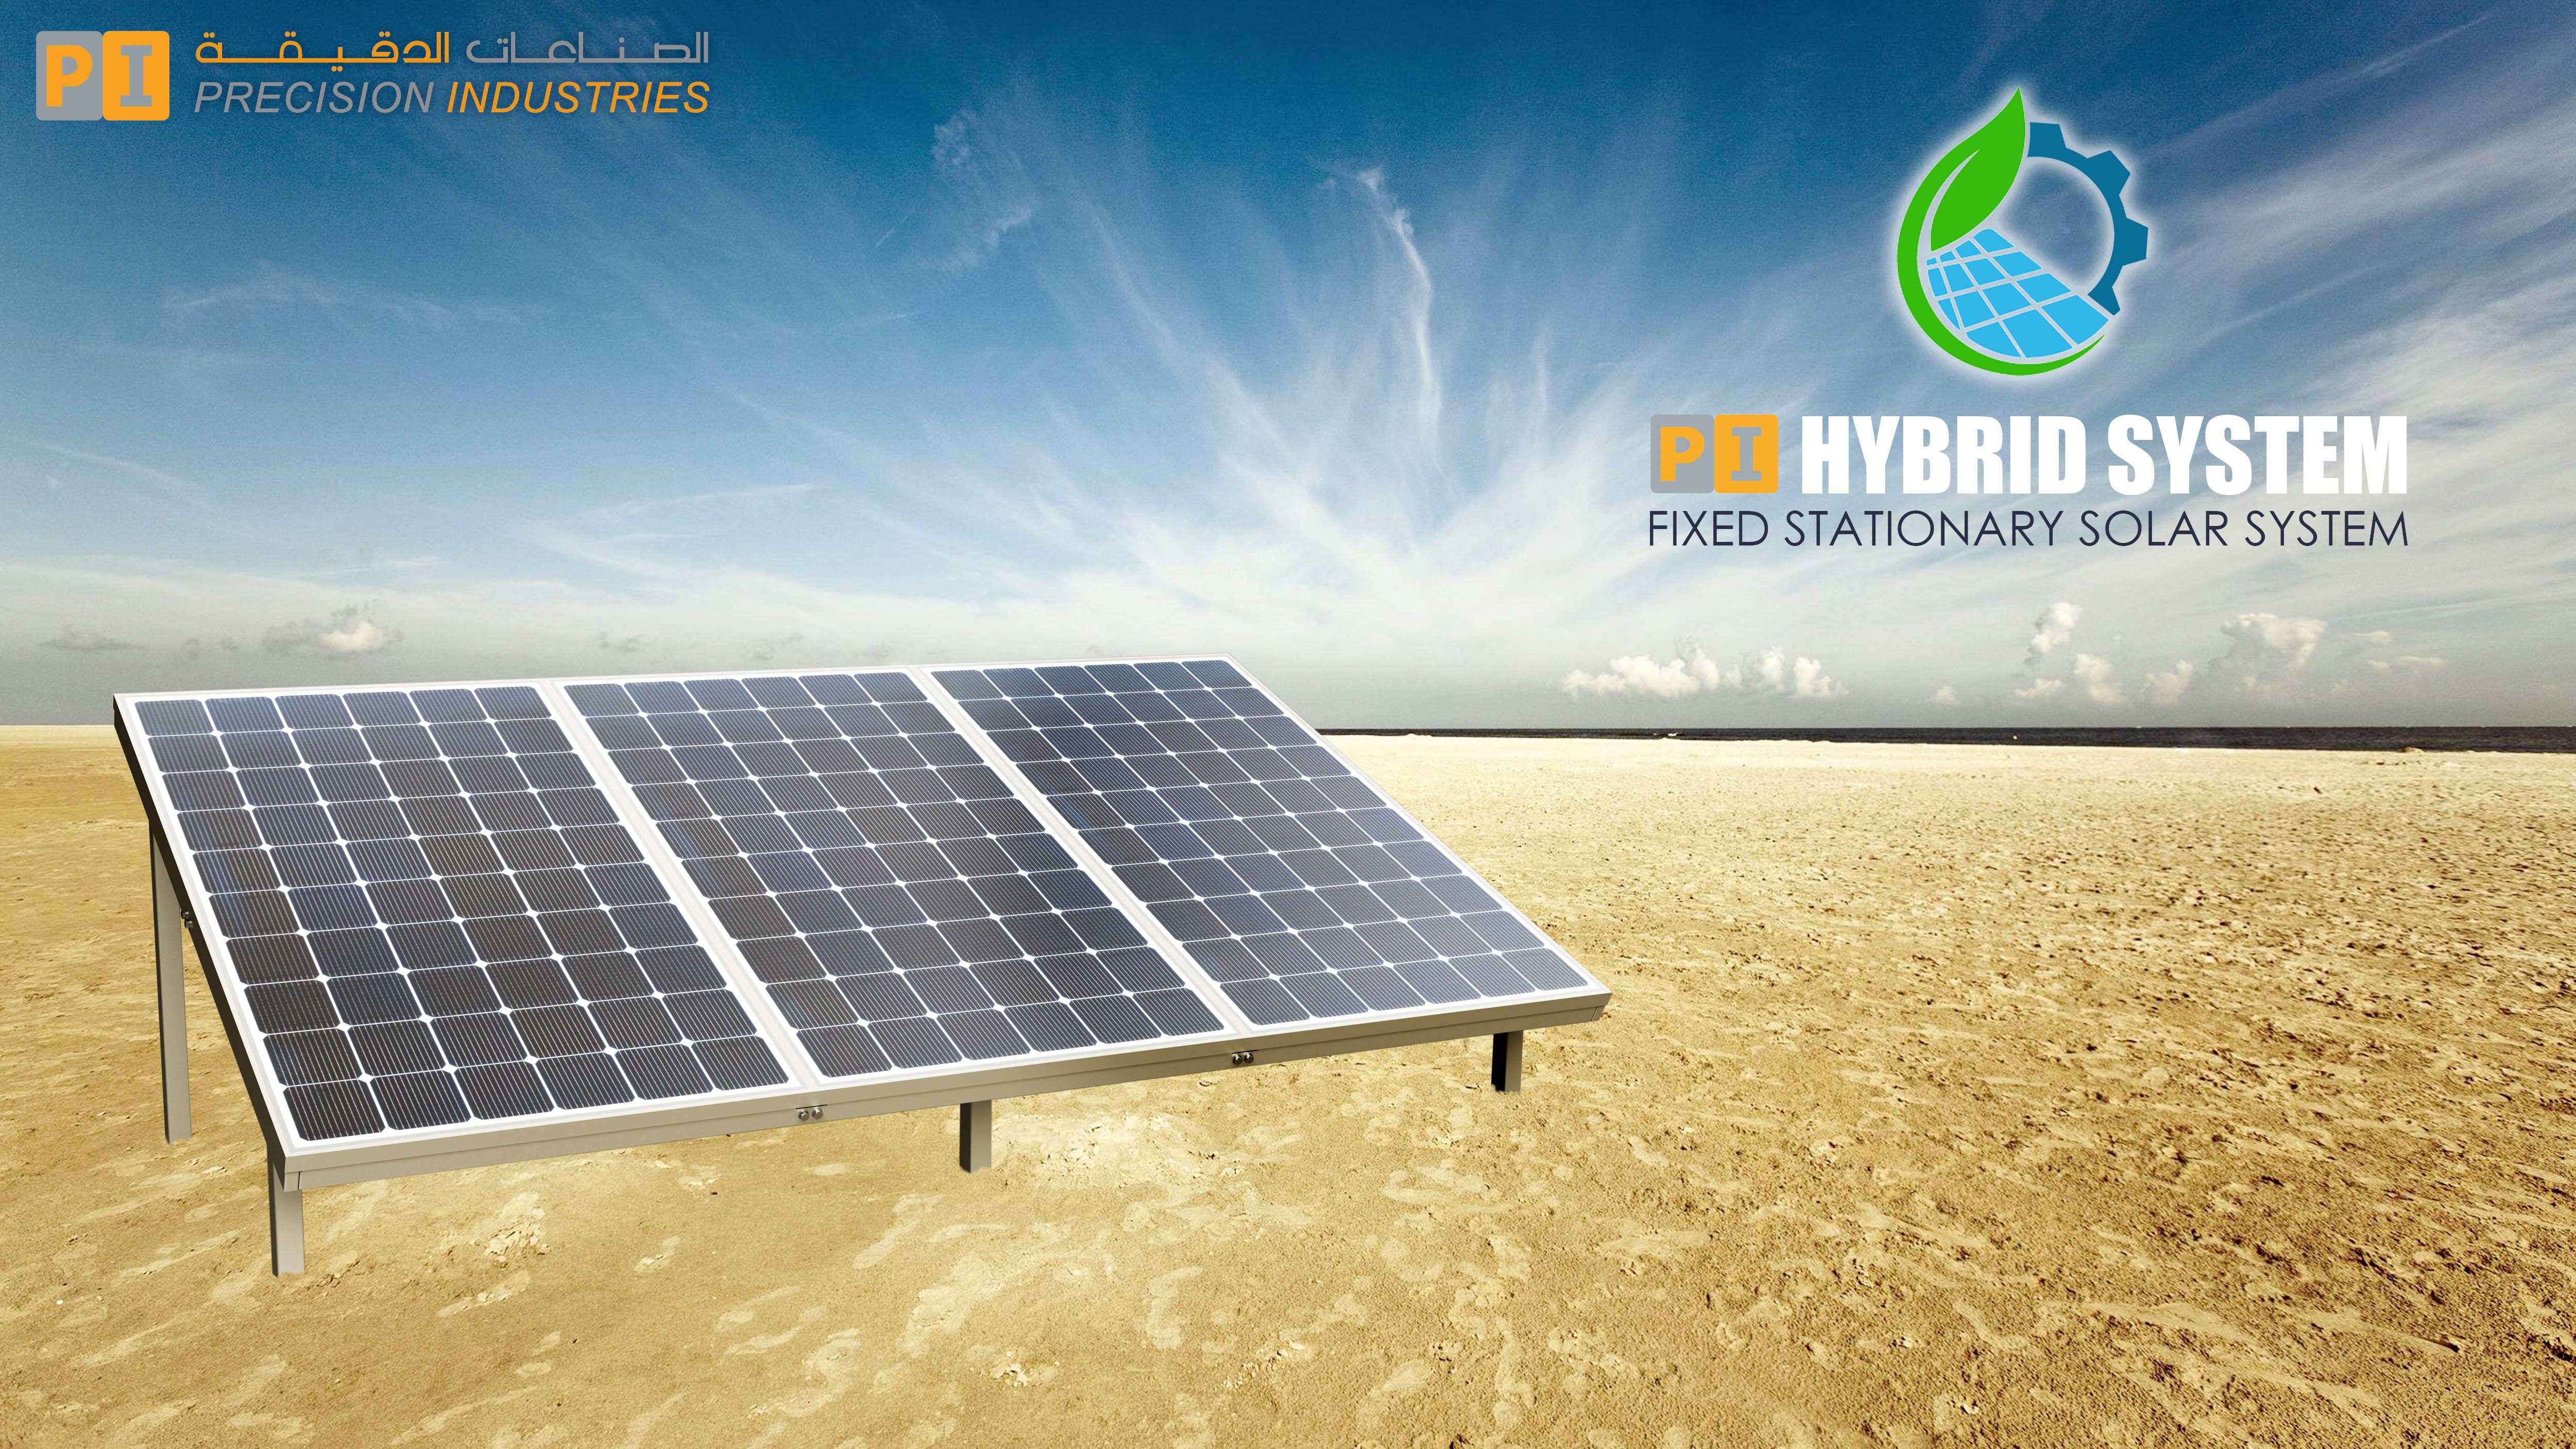 PI Hybrid system